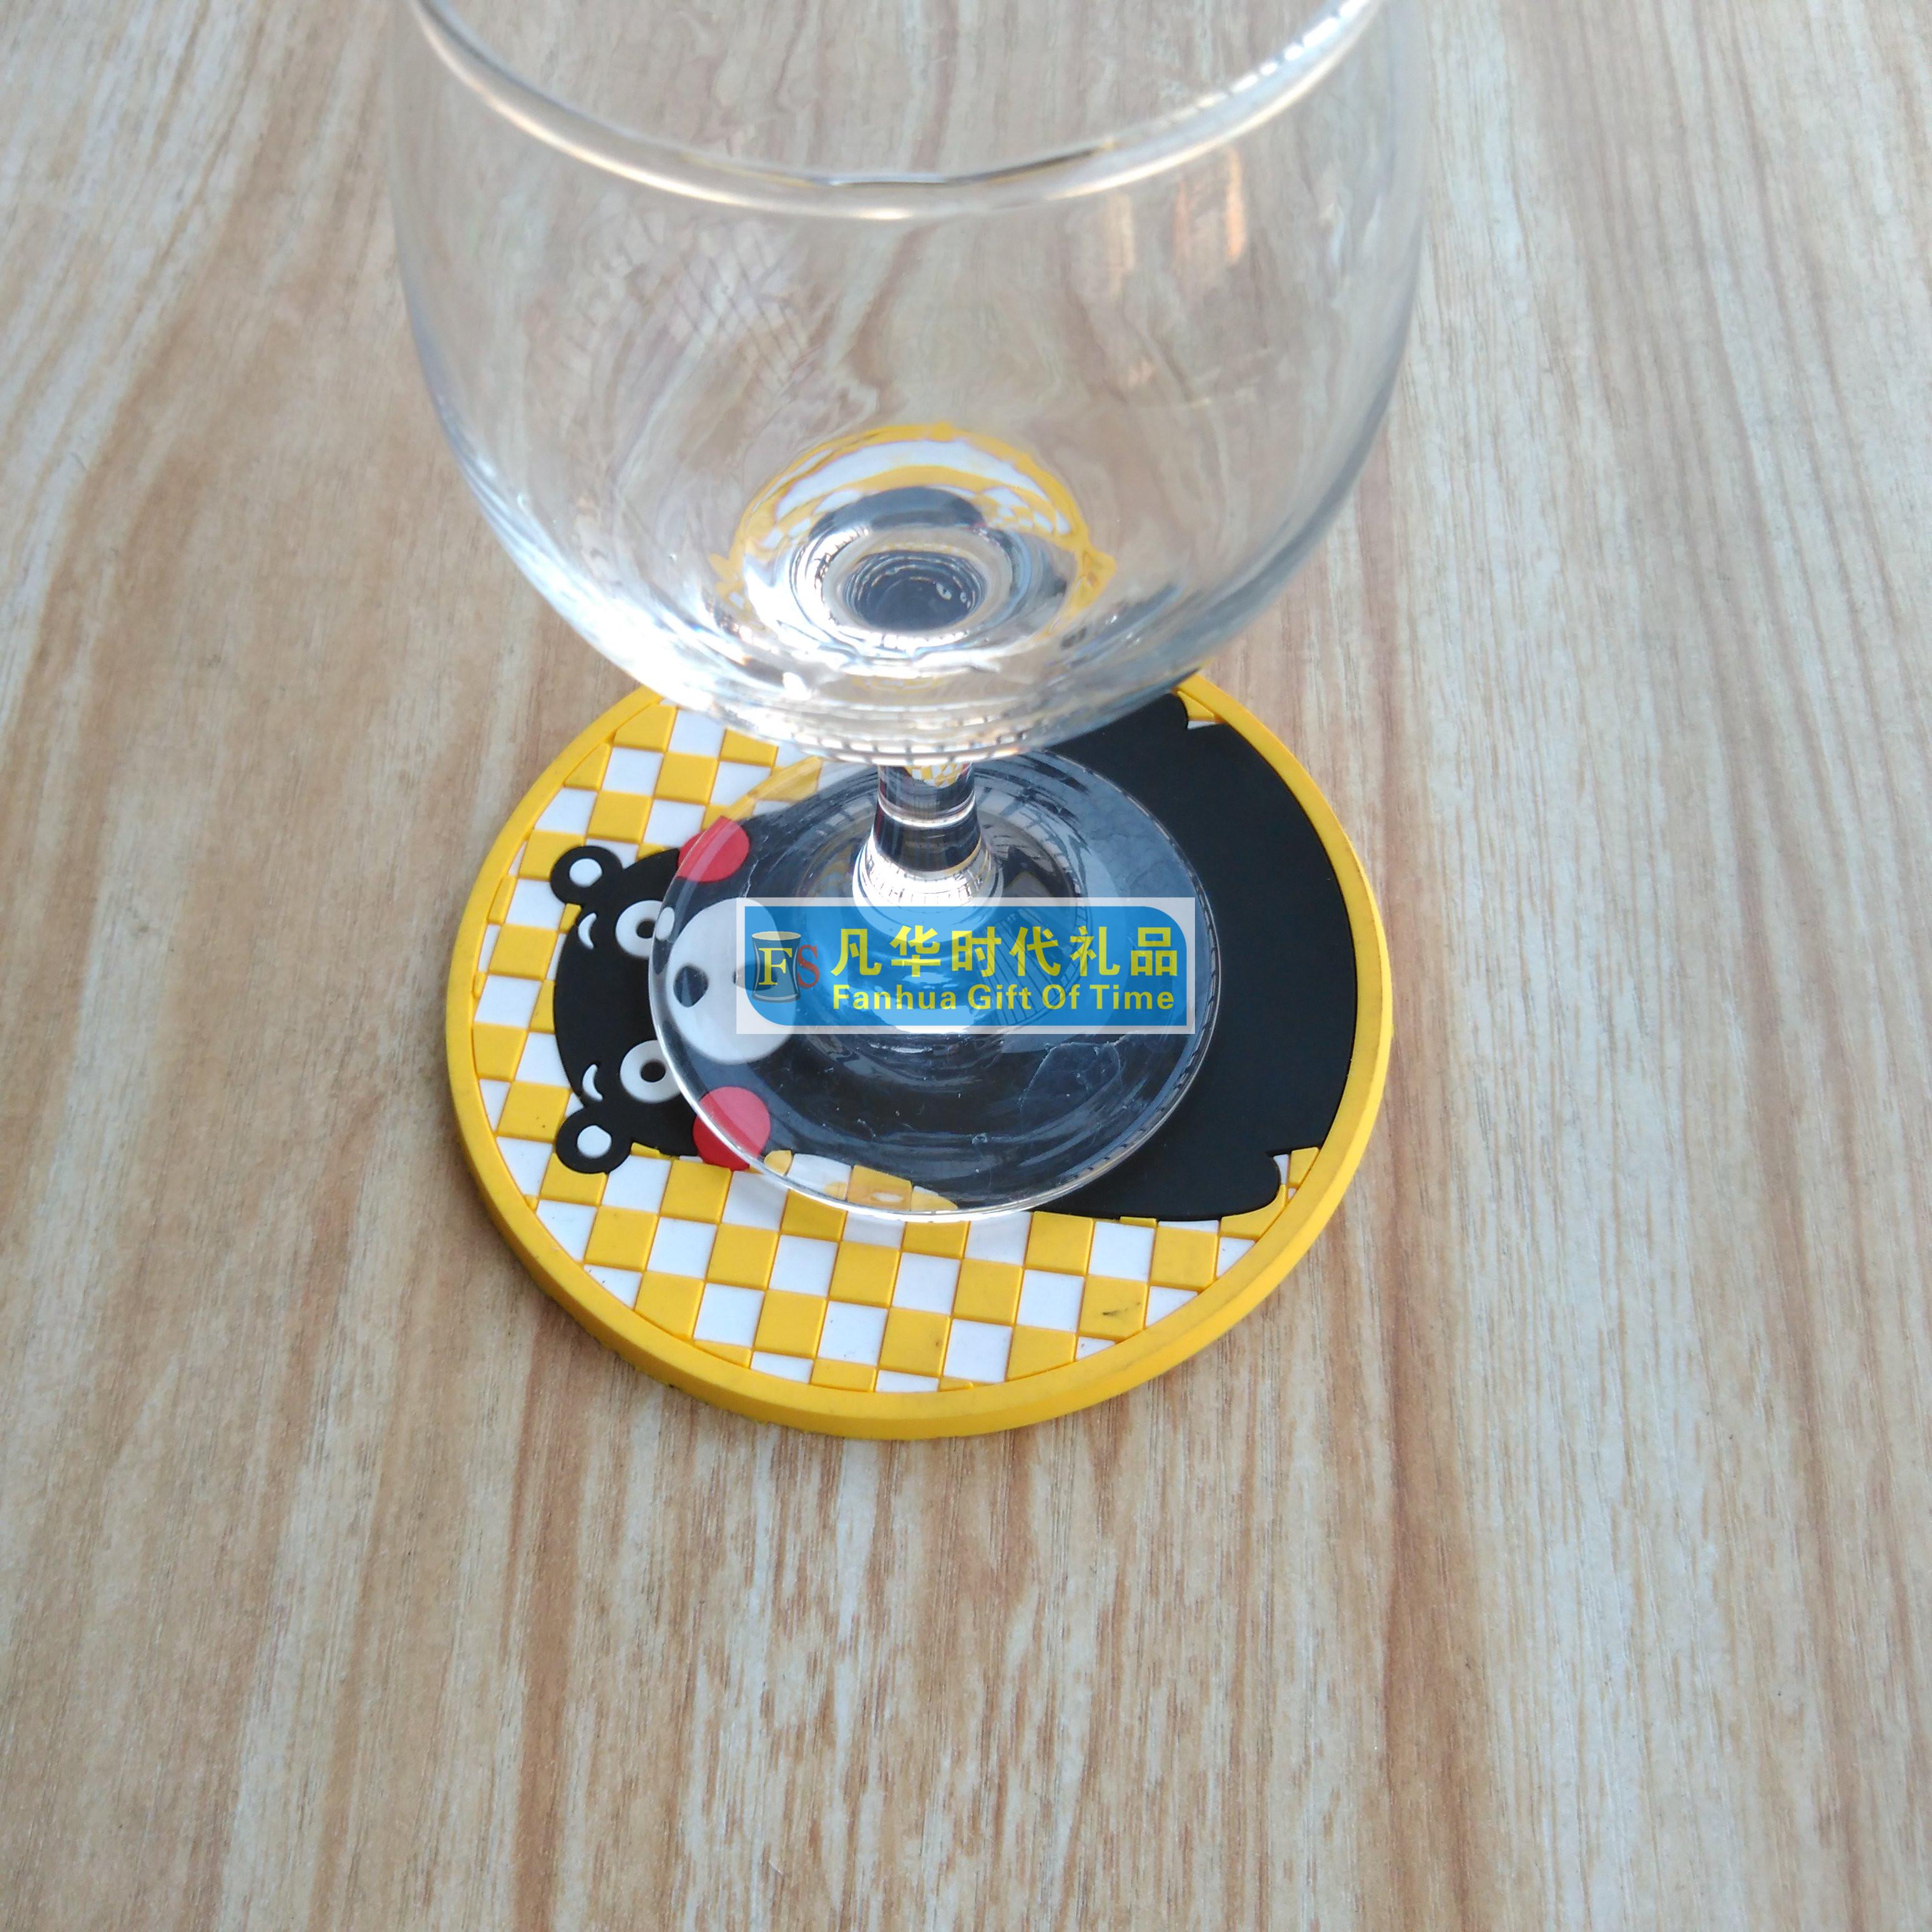 厂家定制PVC塑胶杯垫 软胶杯垫广告礼品 酒店宣传杯垫礼品